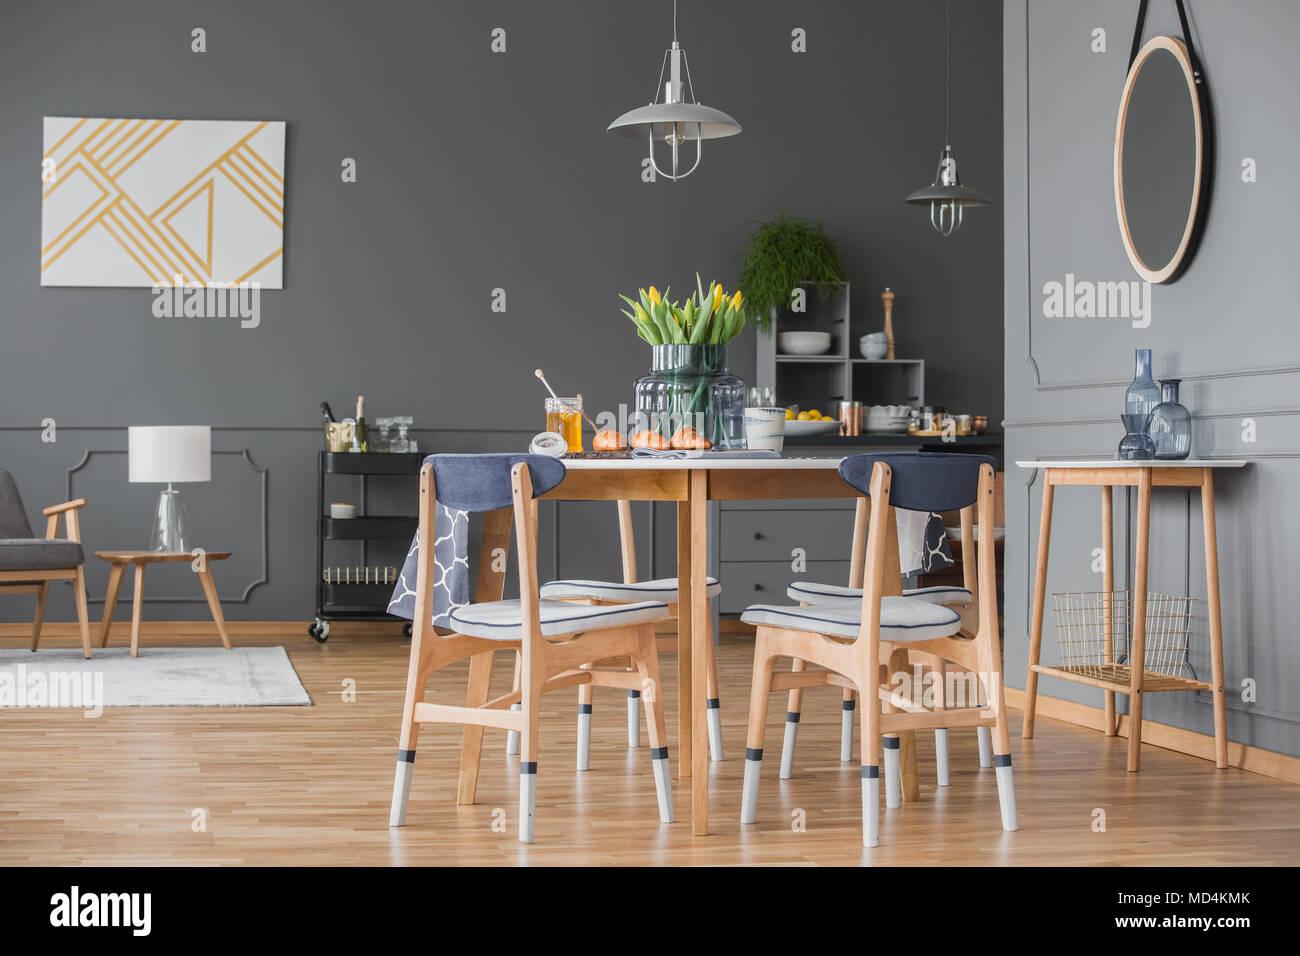 Eleganten Grau Wohnung Interieur Mit Hartholzböden, Spritzguss  Und Einen  Offenen Ess  Und Wohnzimmer Mit Holzmöbeln